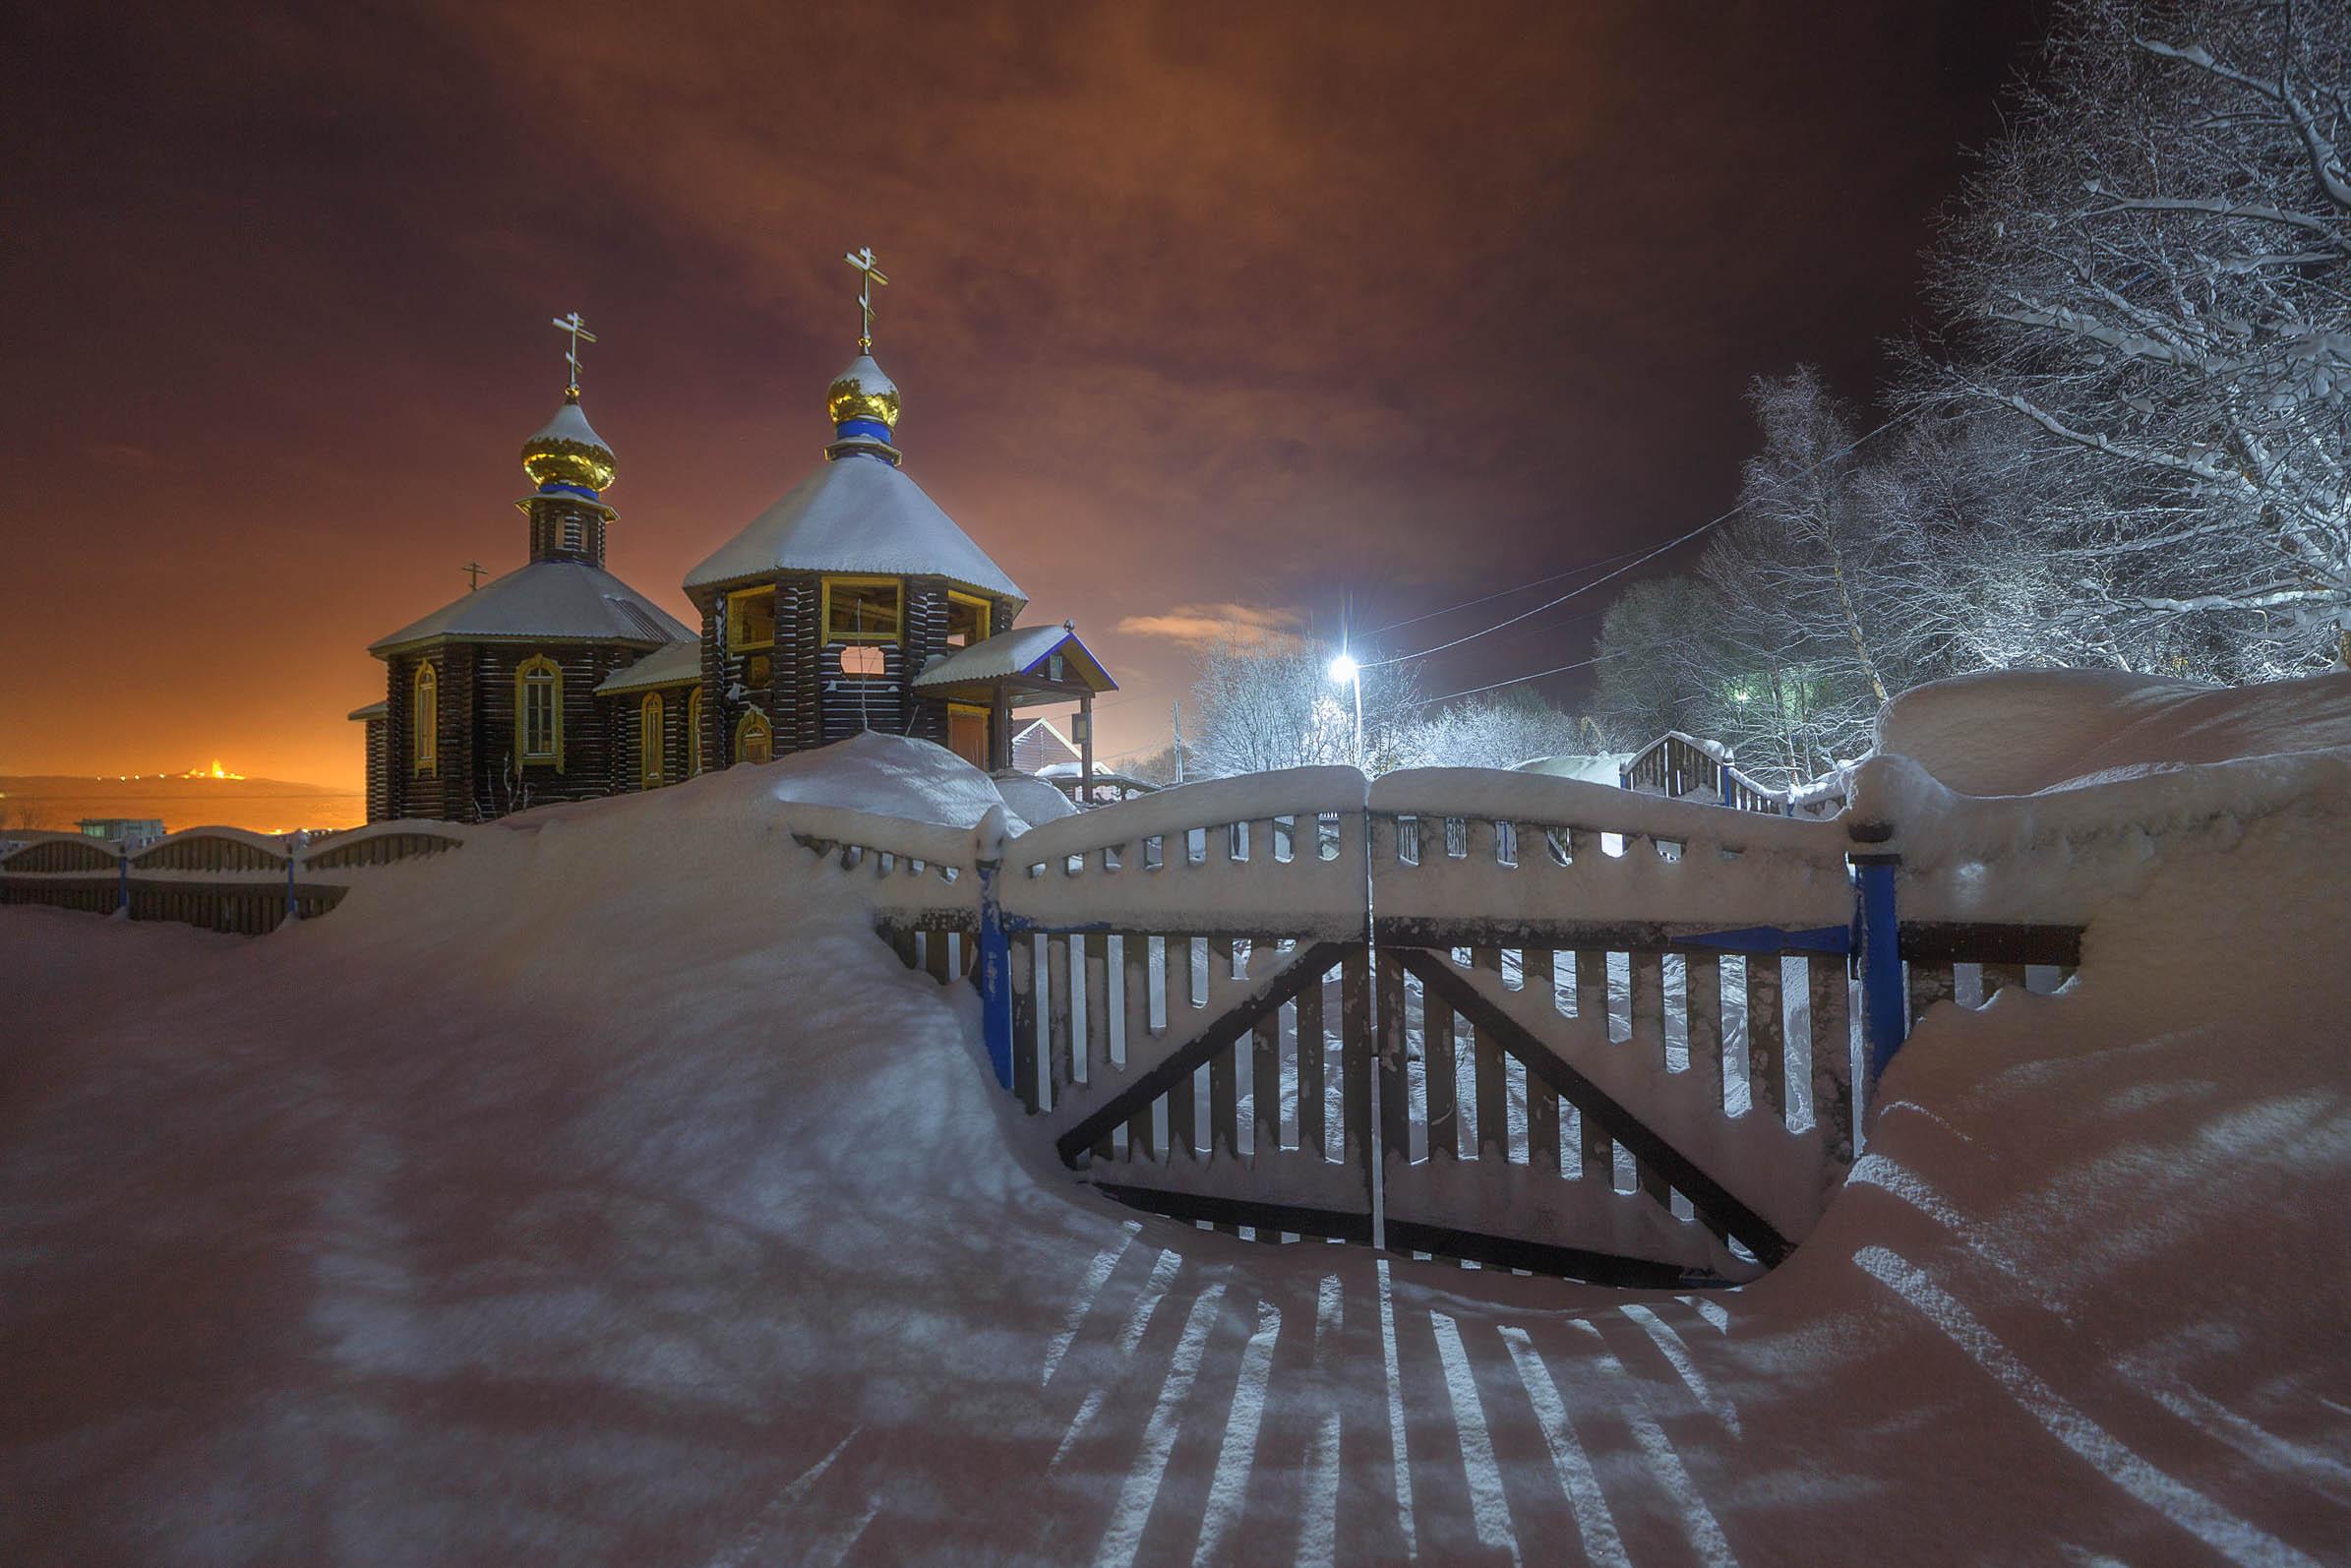 мурманск ночь снег зима храм церковь минькино, Пашеничев Александр